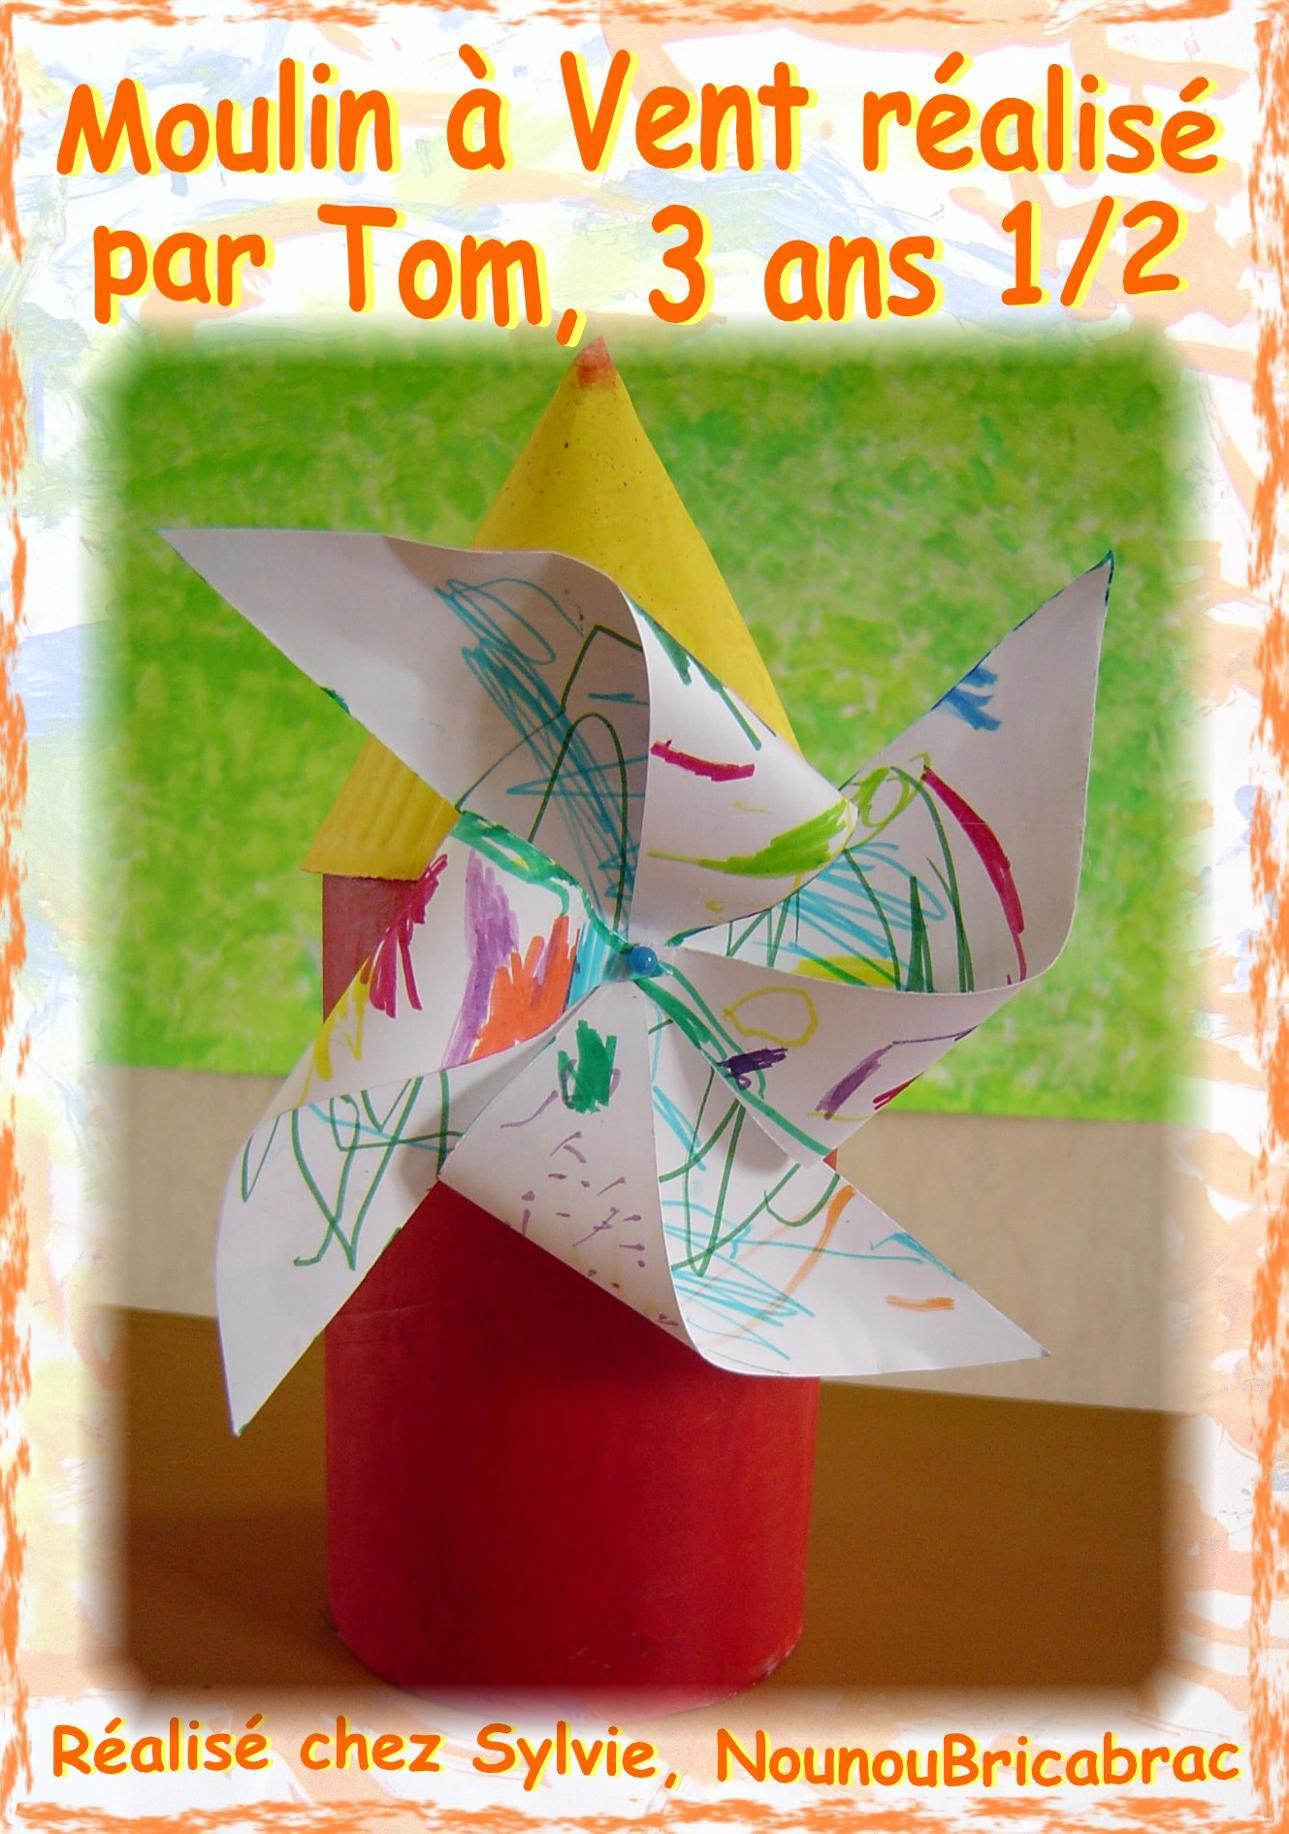 Moulin à Vent... de Tom, 3 ans 1/2